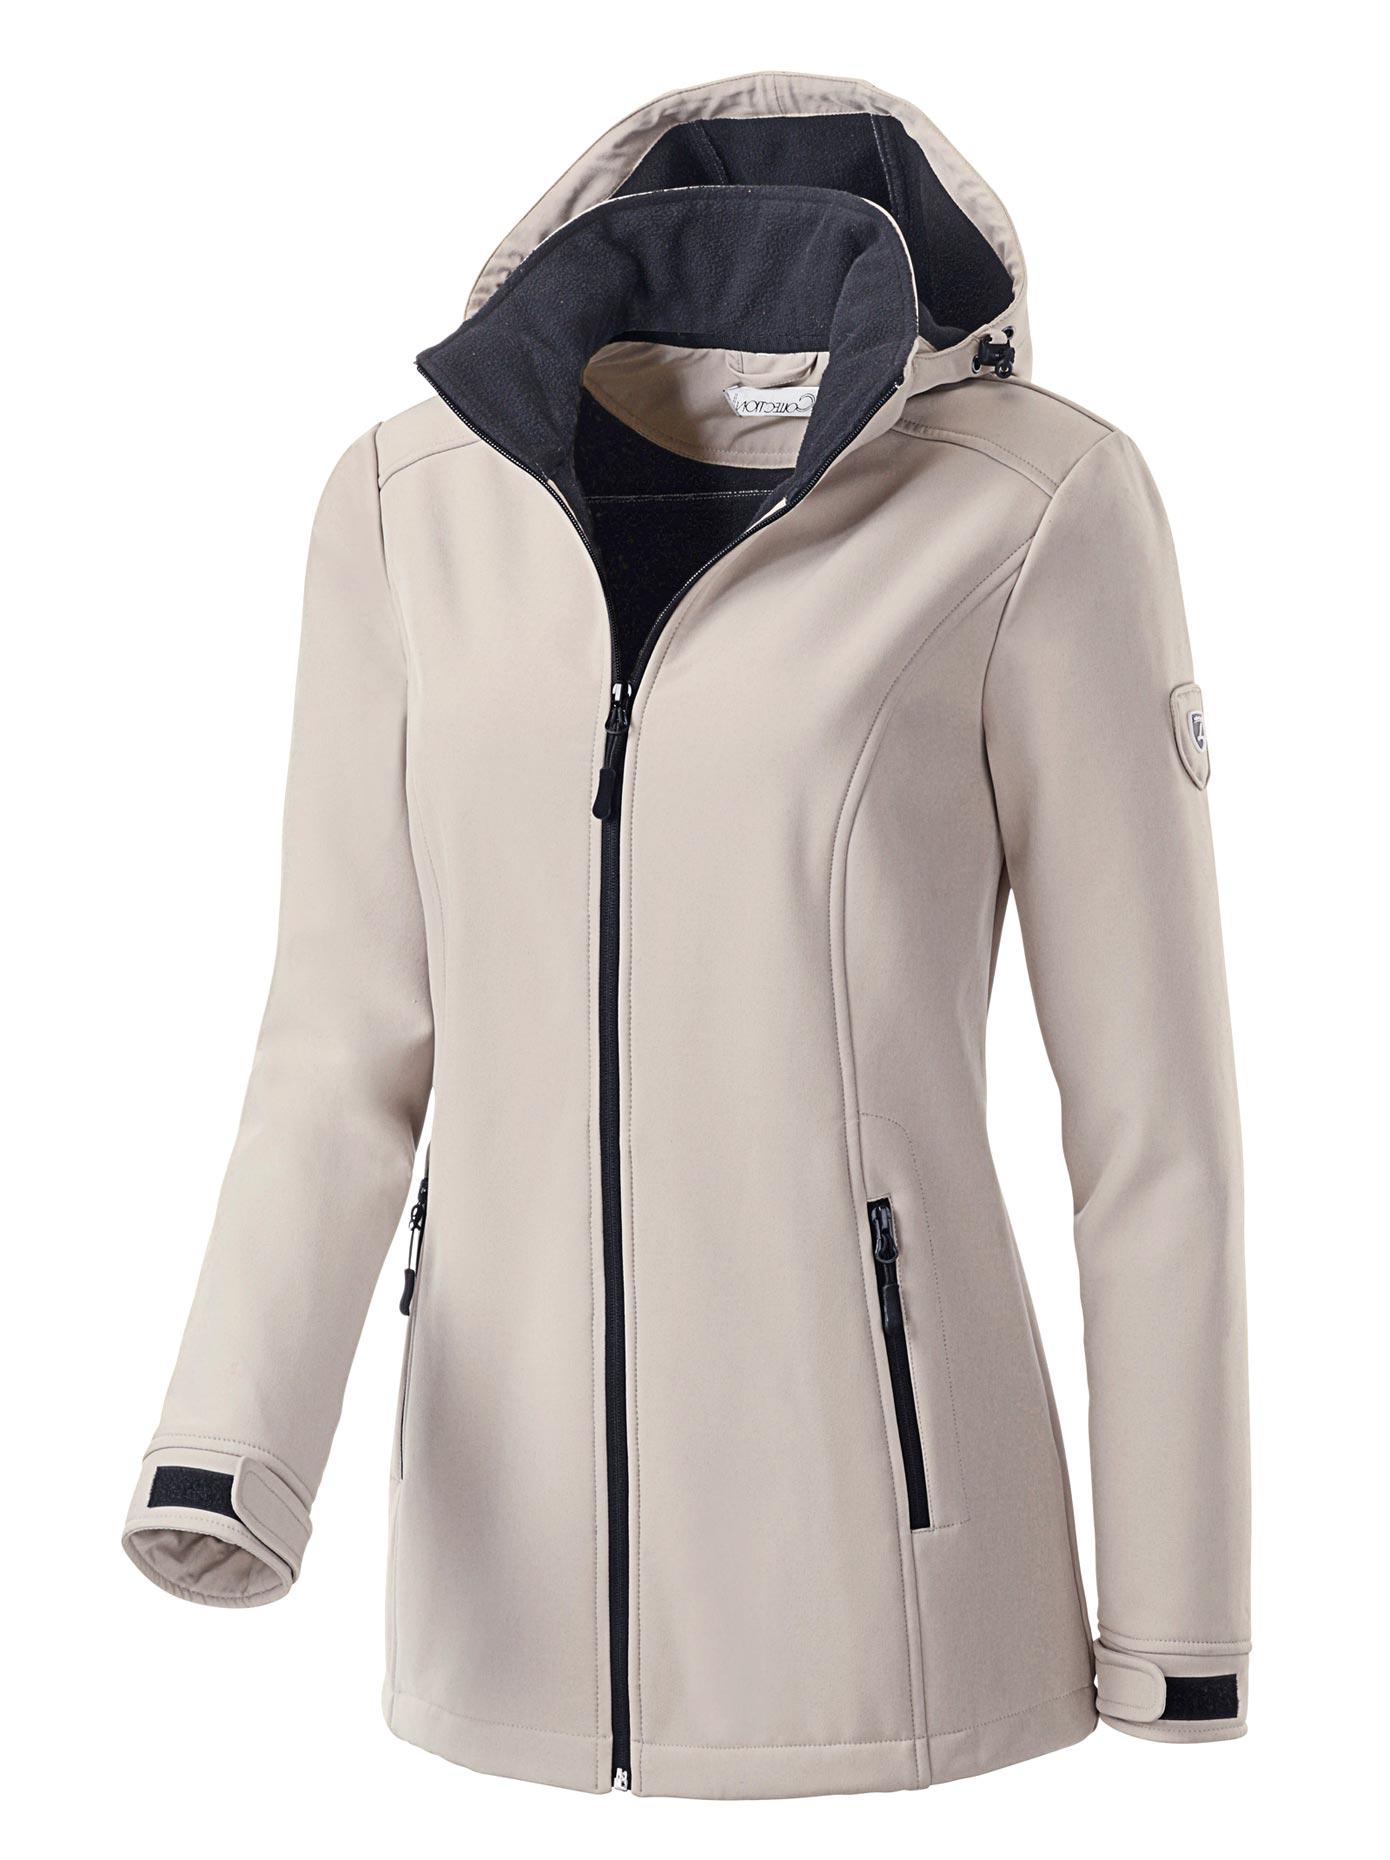 Casual Looks Softshelljacke mit Innenseite aus wärmendem Fleece | Bekleidung > Jacken > Softshelljacken | Grau | Casual Looks